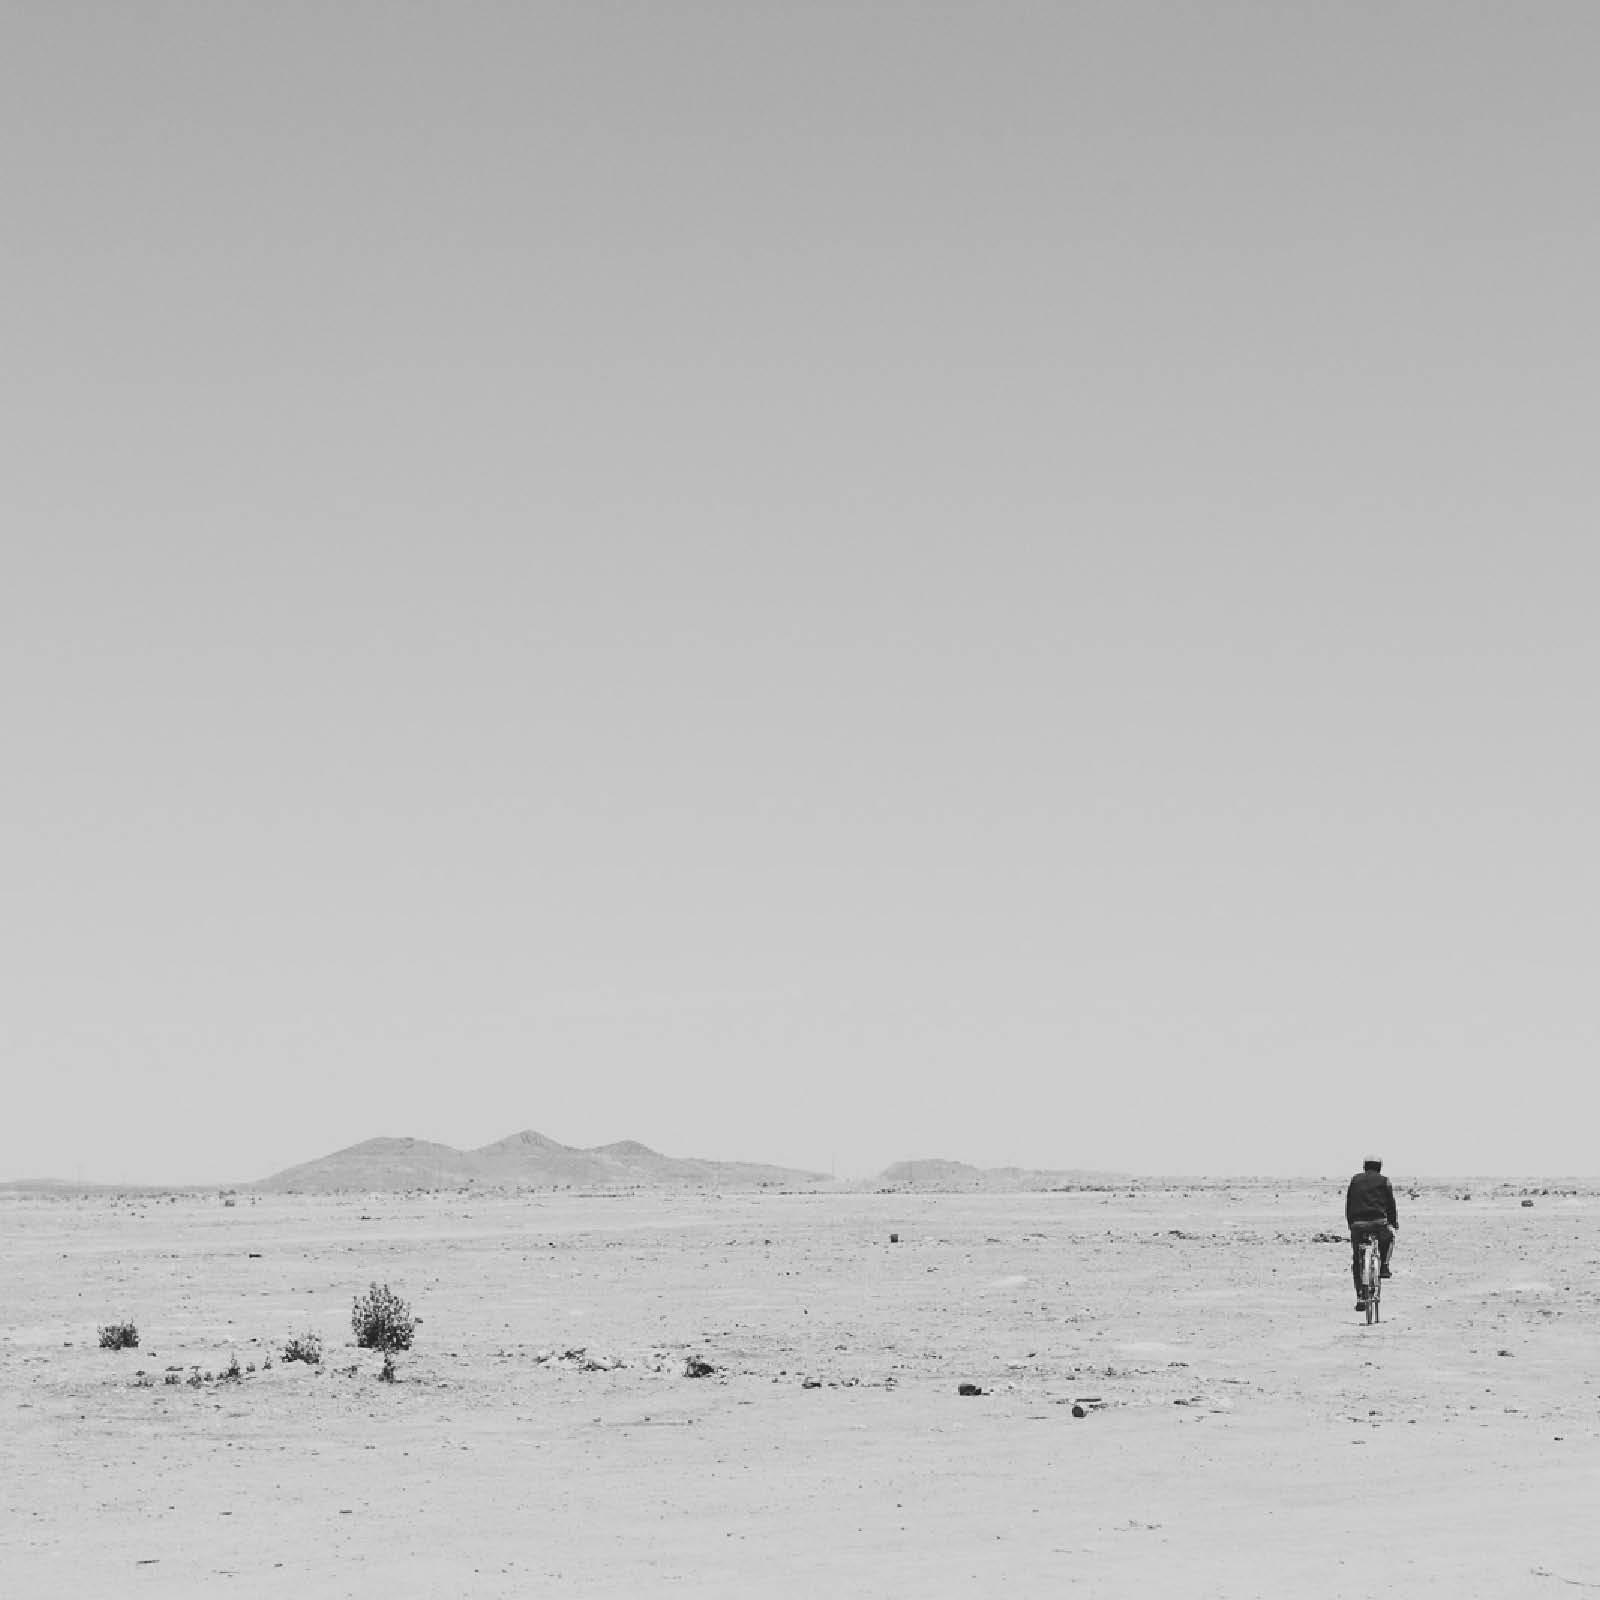 Evabloem-Salar-de-Uyuni_Bolivia-0006-2.jpg